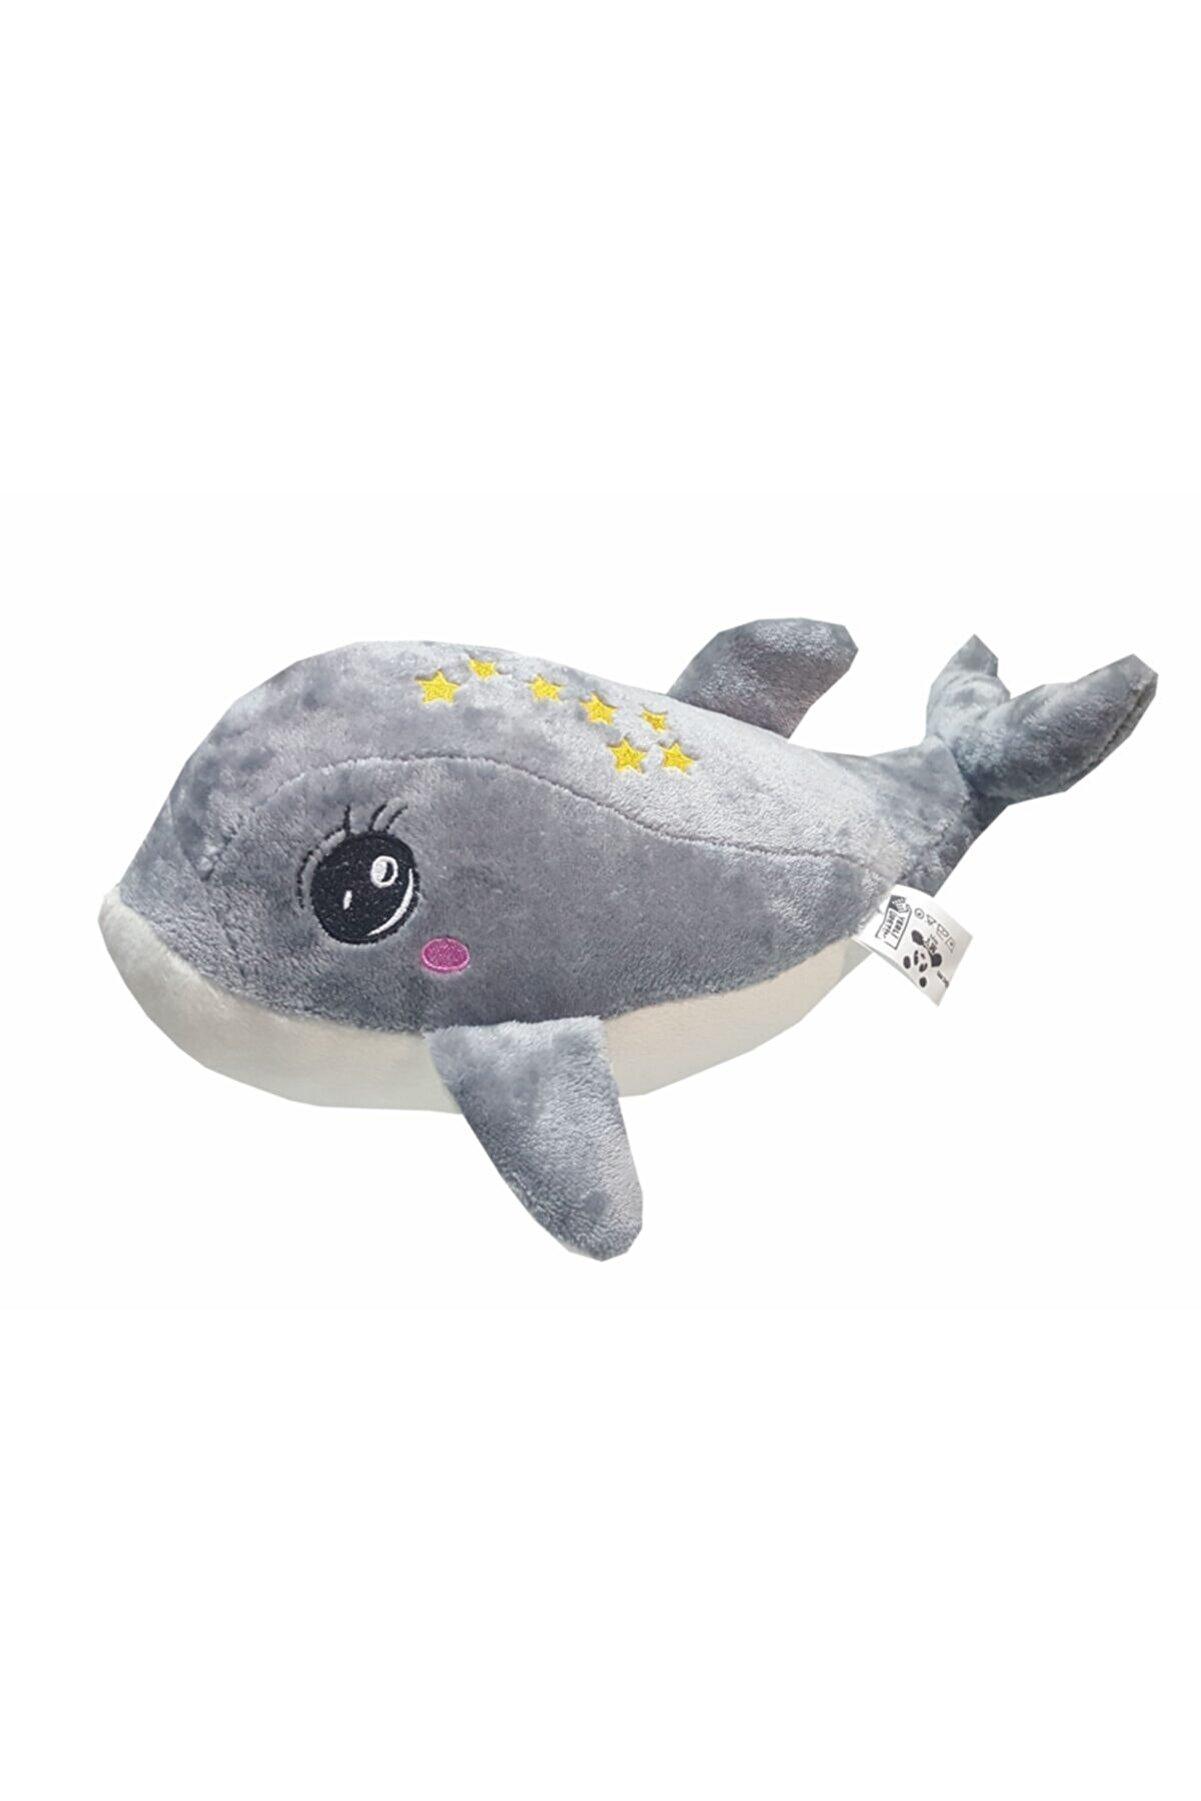 MY toys Uyku Arkadaşım Yumuşak Peluş Yunus Balığı Gri (35 Cm.)